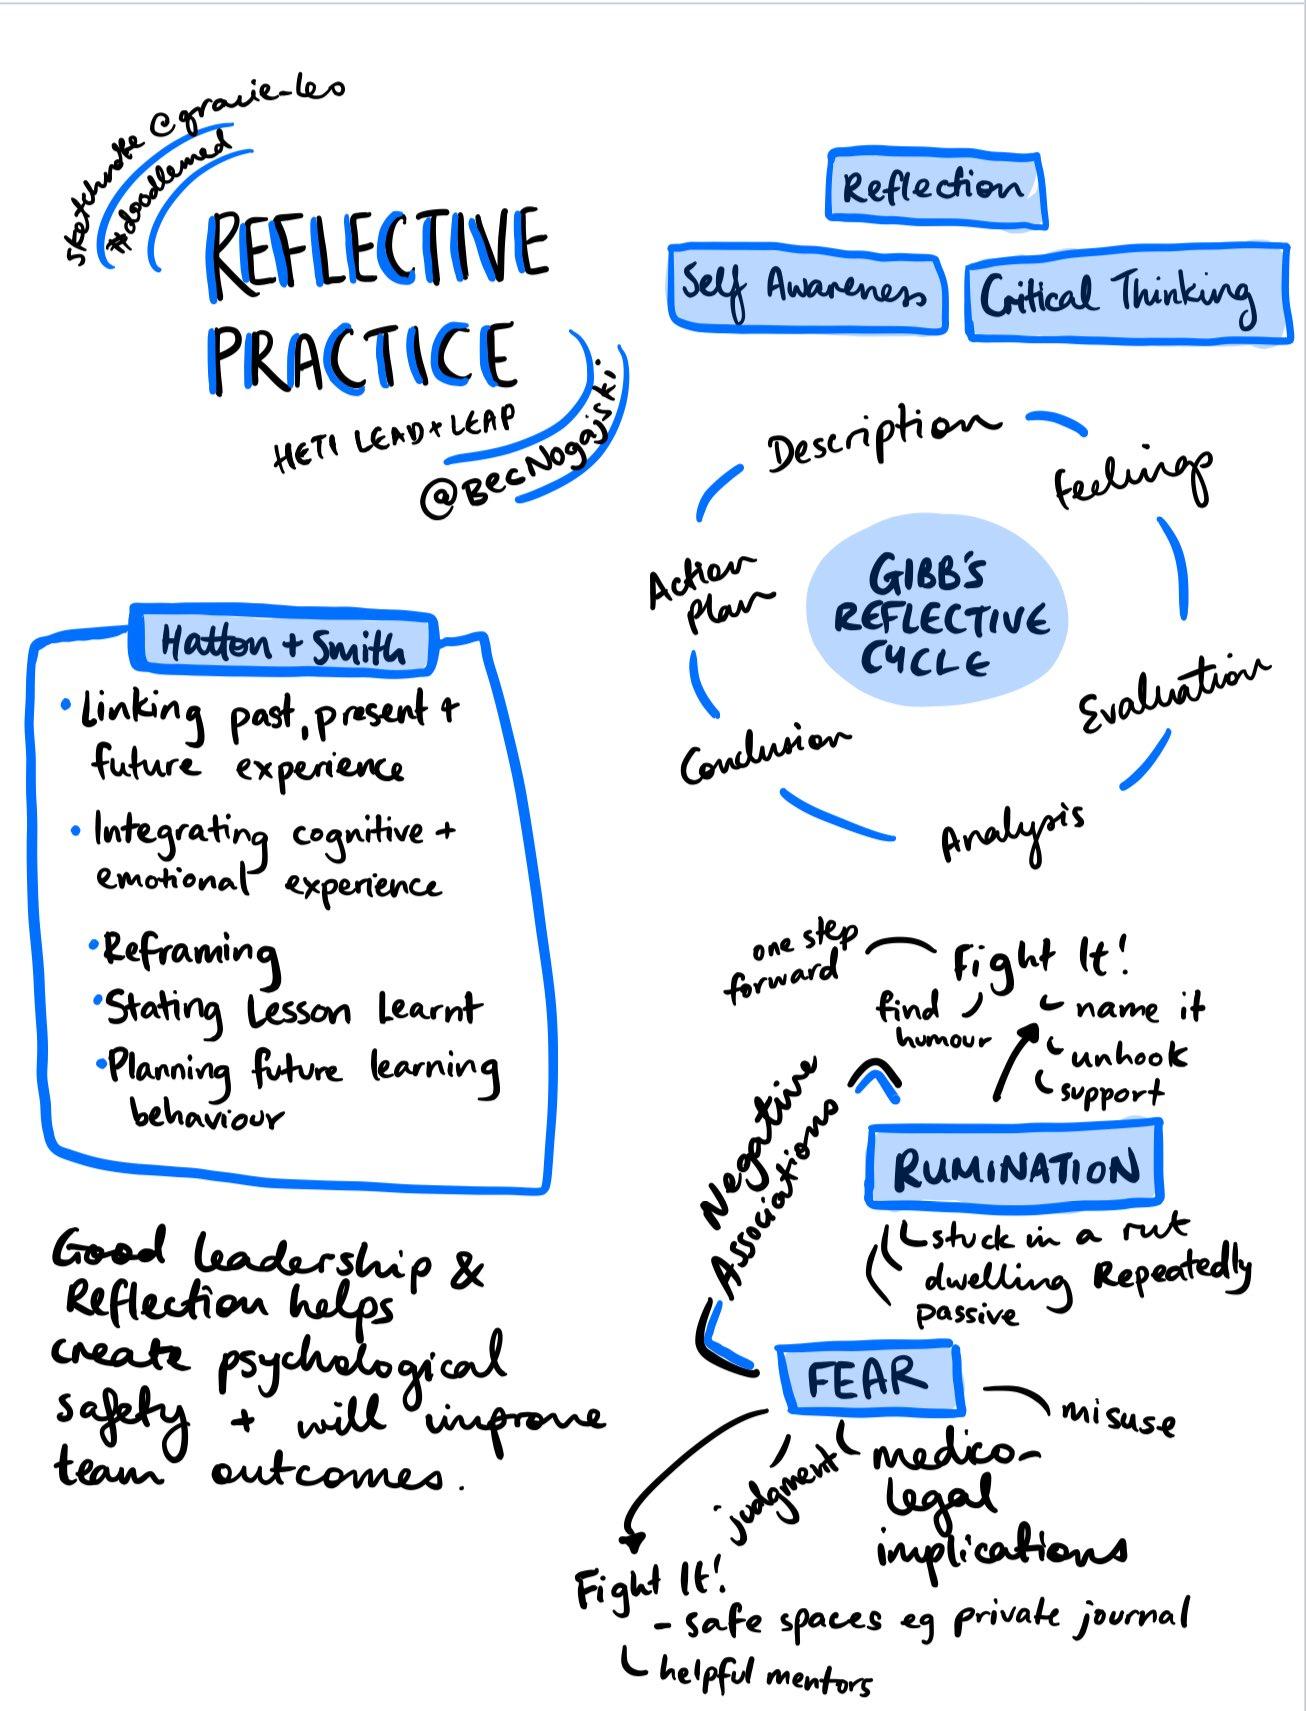 Reflective Practice - Bec Nogajski at Heti Lead & Leap